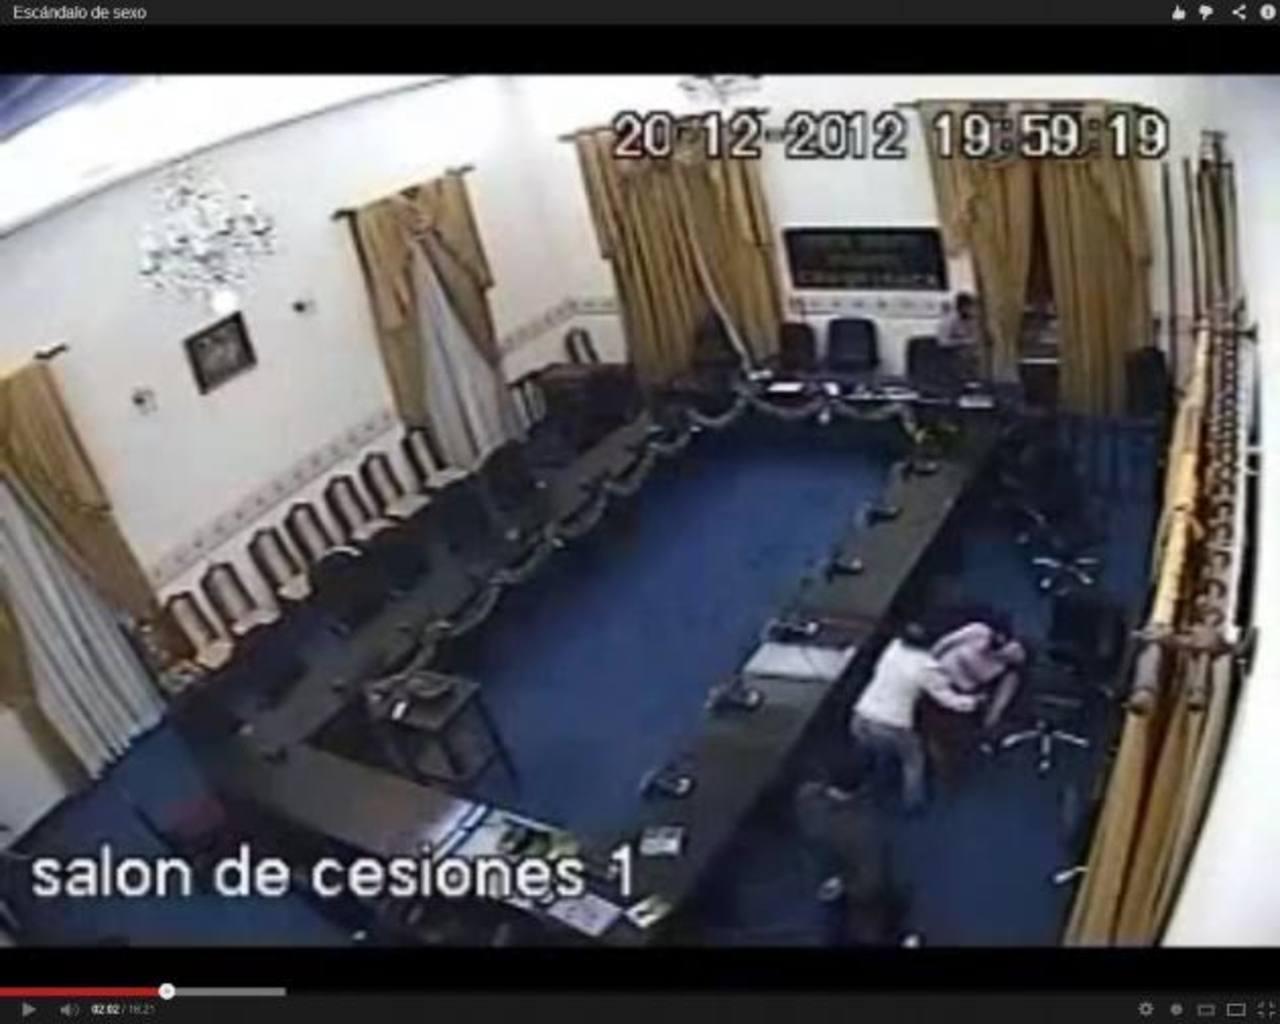 Opositores enviaron el video a varias televisoras cuando la asamblea reinició las sesiones tras las fiestas de fin de año.